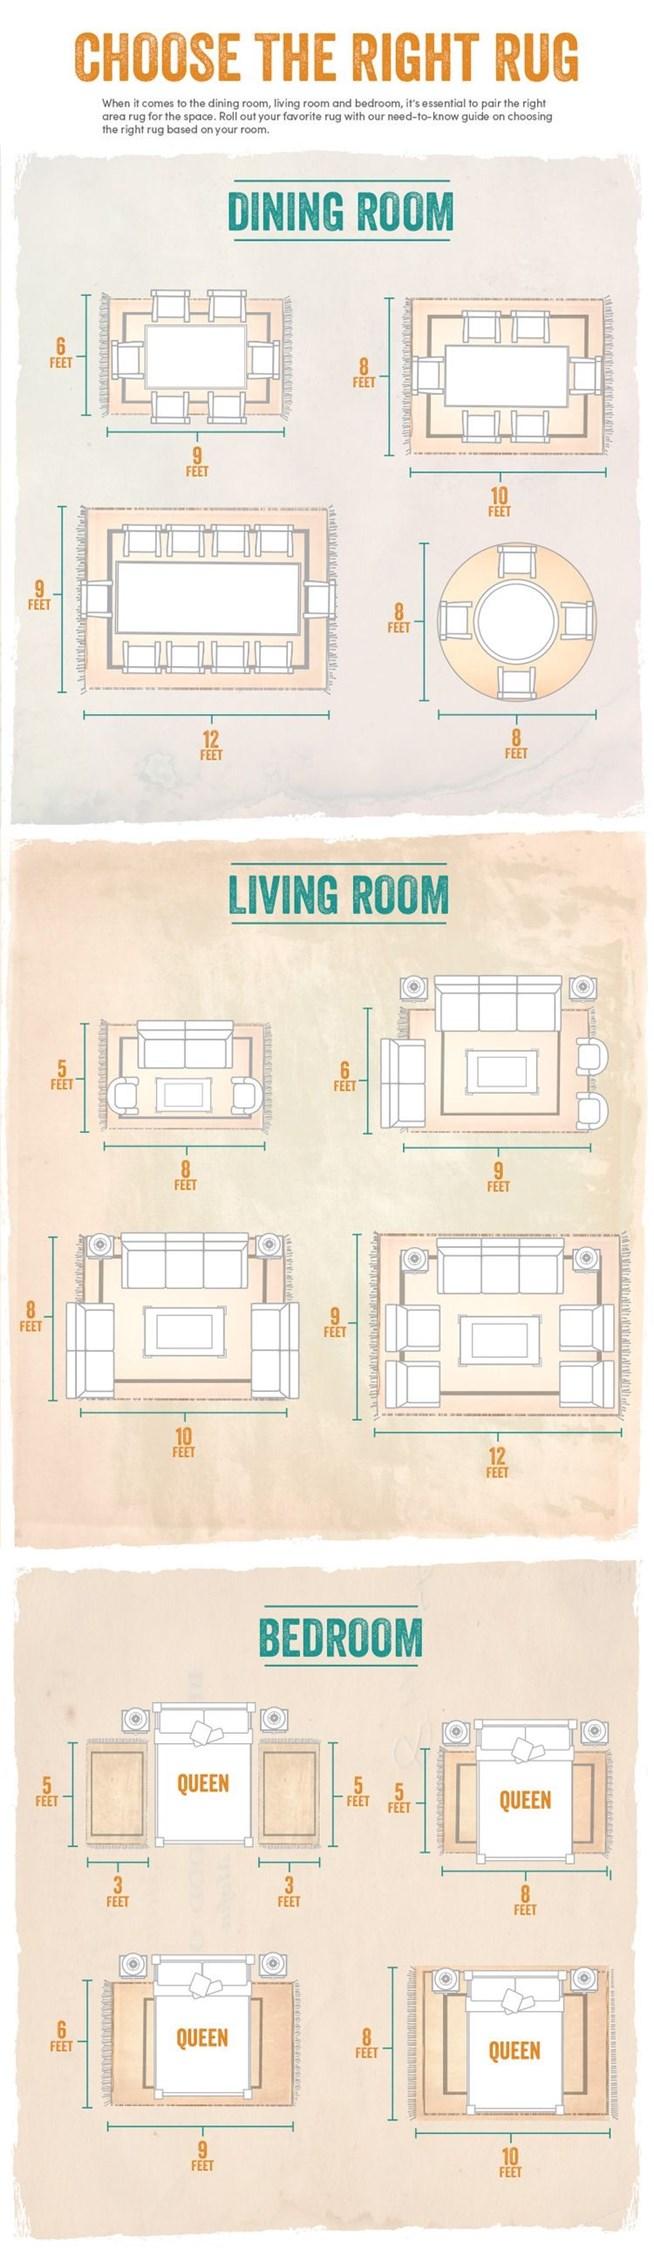 Valet av matta i ett rum kan gör hur stor skillnad som helst. Oftast köper man en för liten matta som förminskar det man vill rama in. Det kan också lätt bli pl